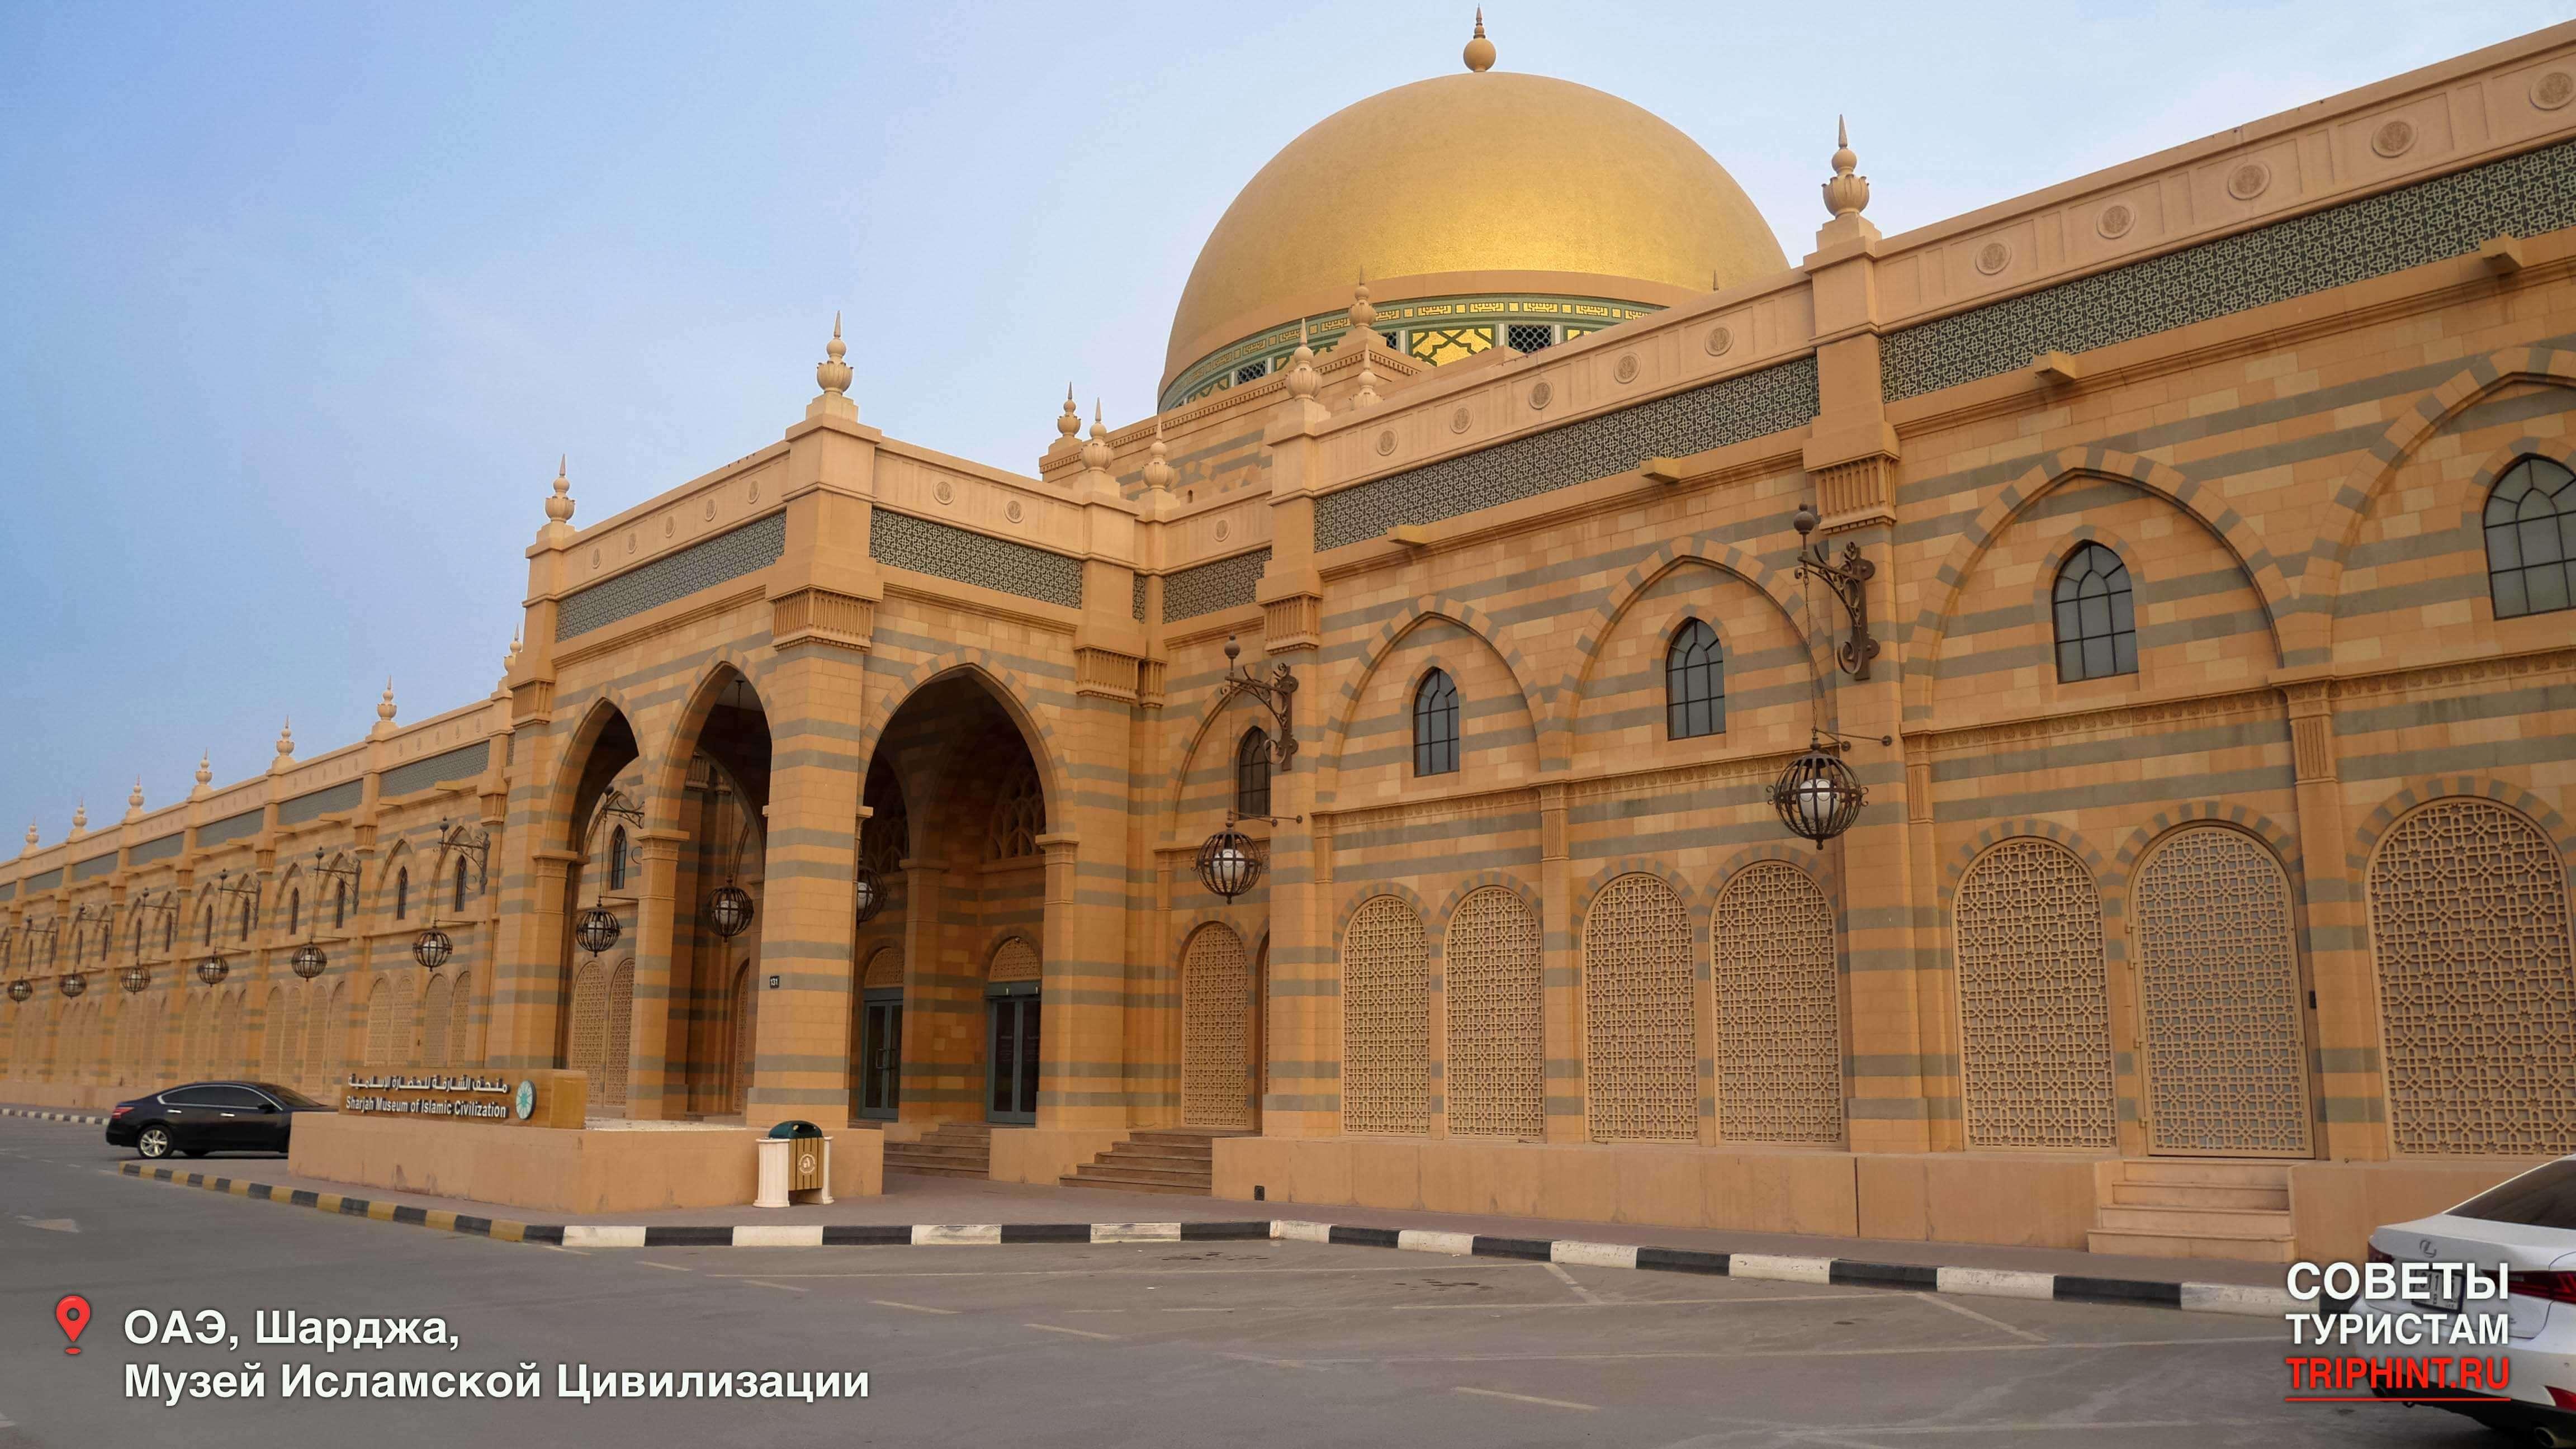 Что посмотреть в Шардже: Музей исламской цивилизации